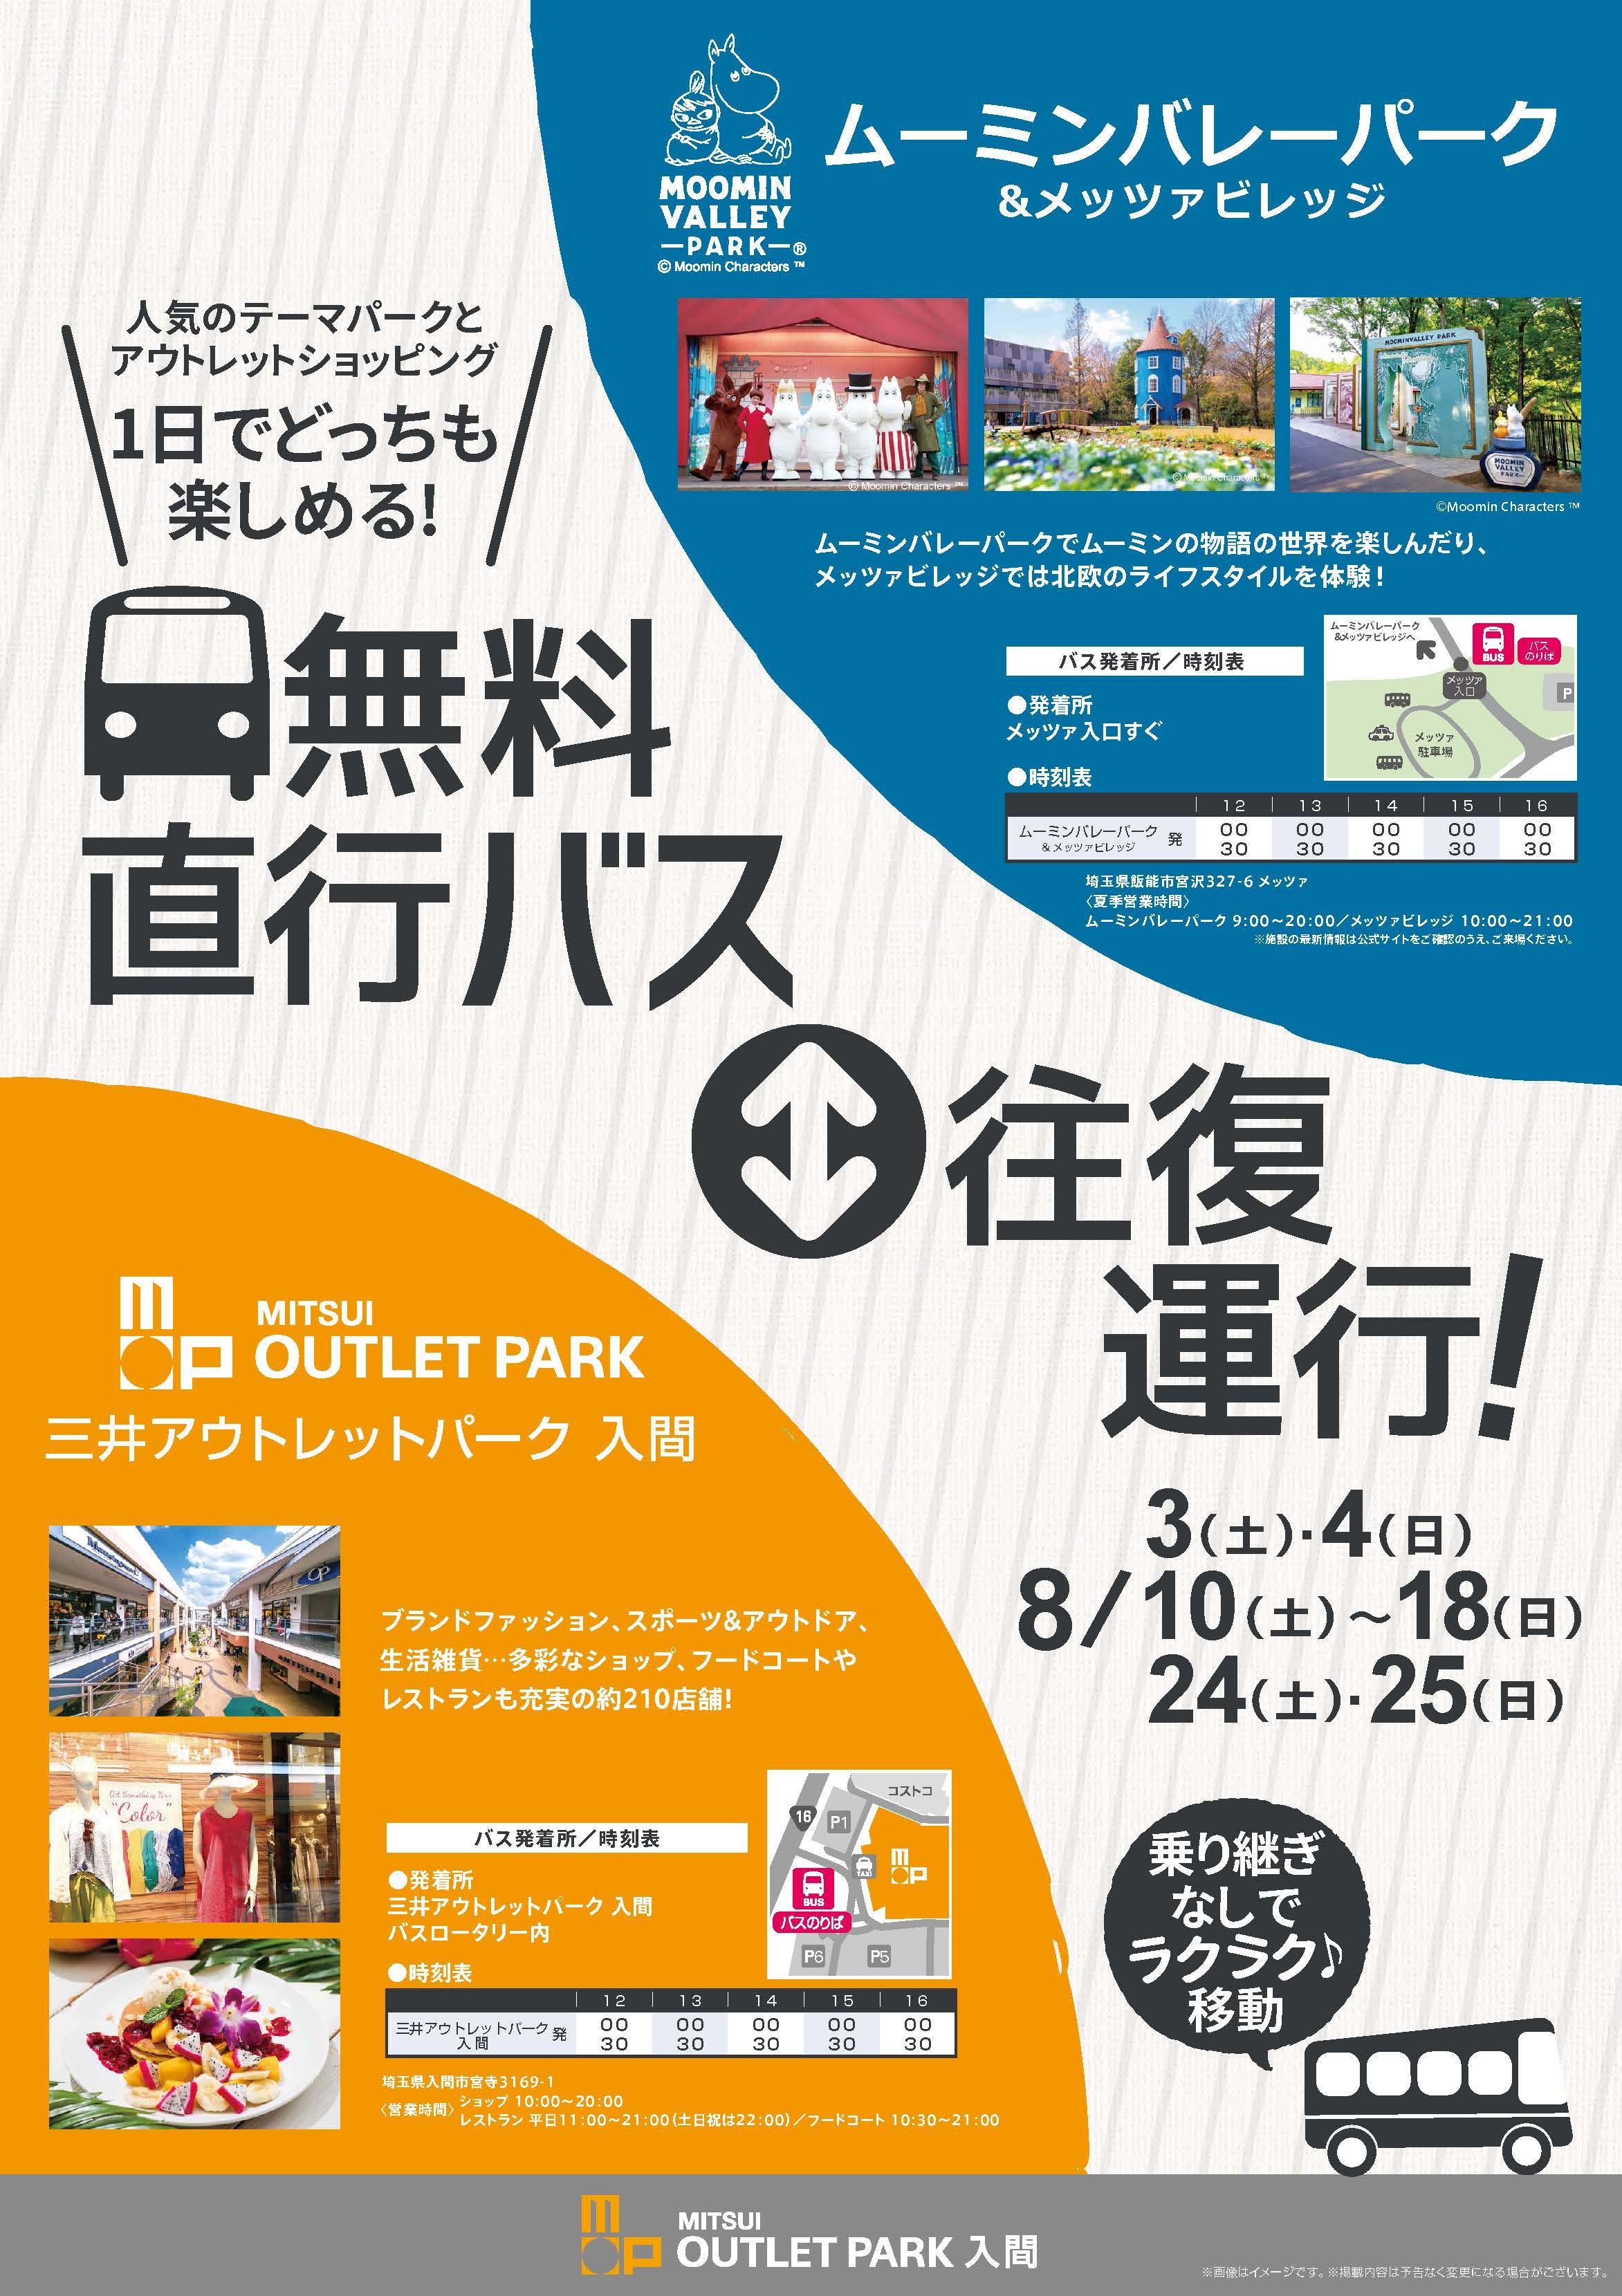 三井アウトレットパーク入間との無料直行バス往復運行のお知らせ